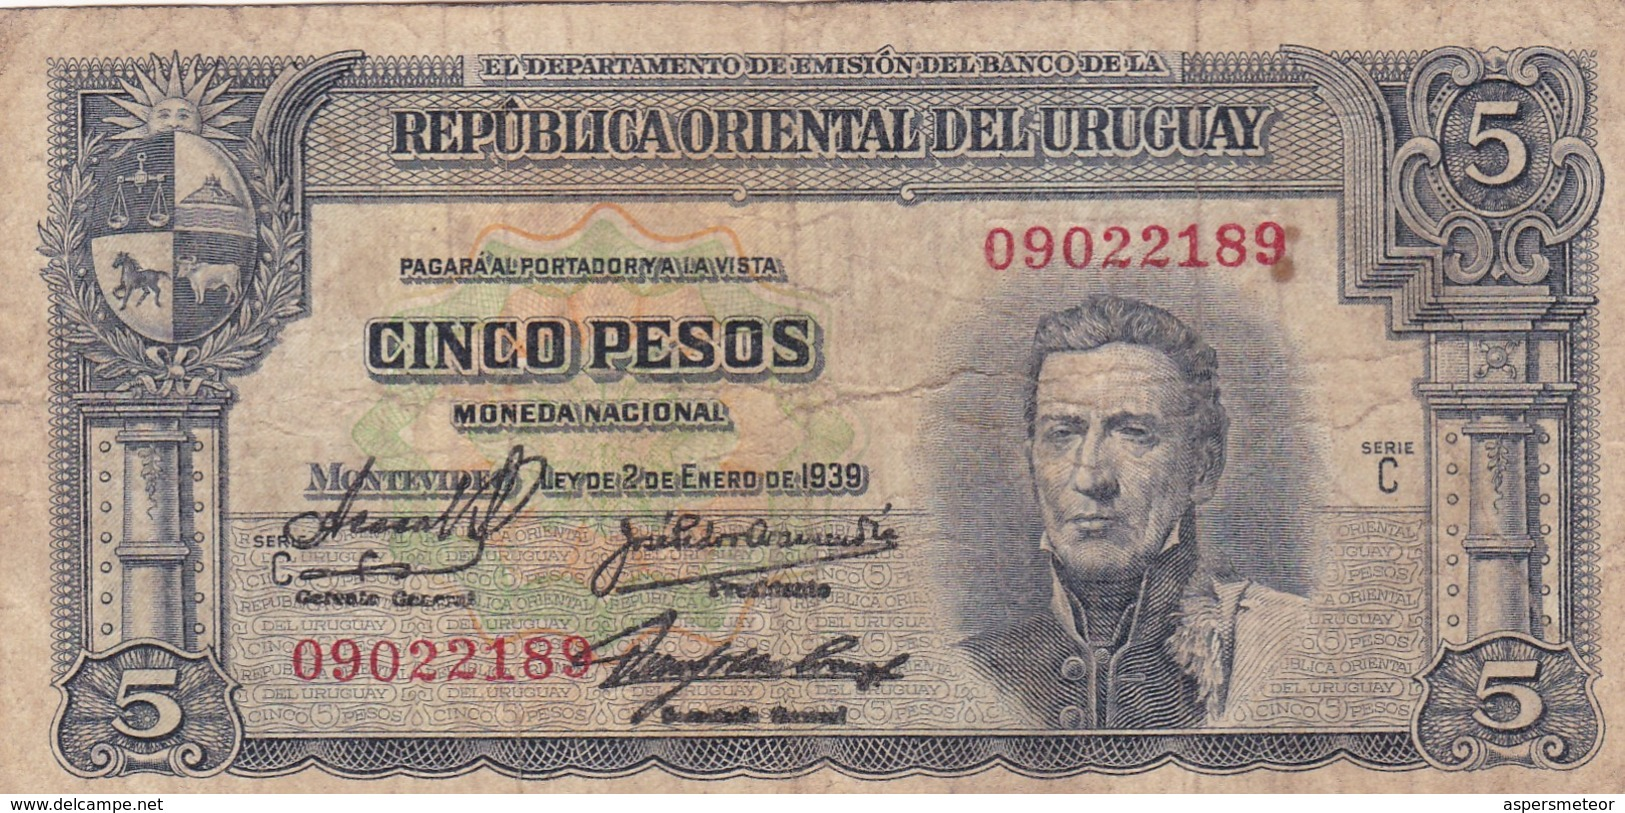 CINCO PESOS. URUGUAY. CIRCA 1940s-BILLETE BANKNOTE BILLET NOTA-BLEUP - Uruguay